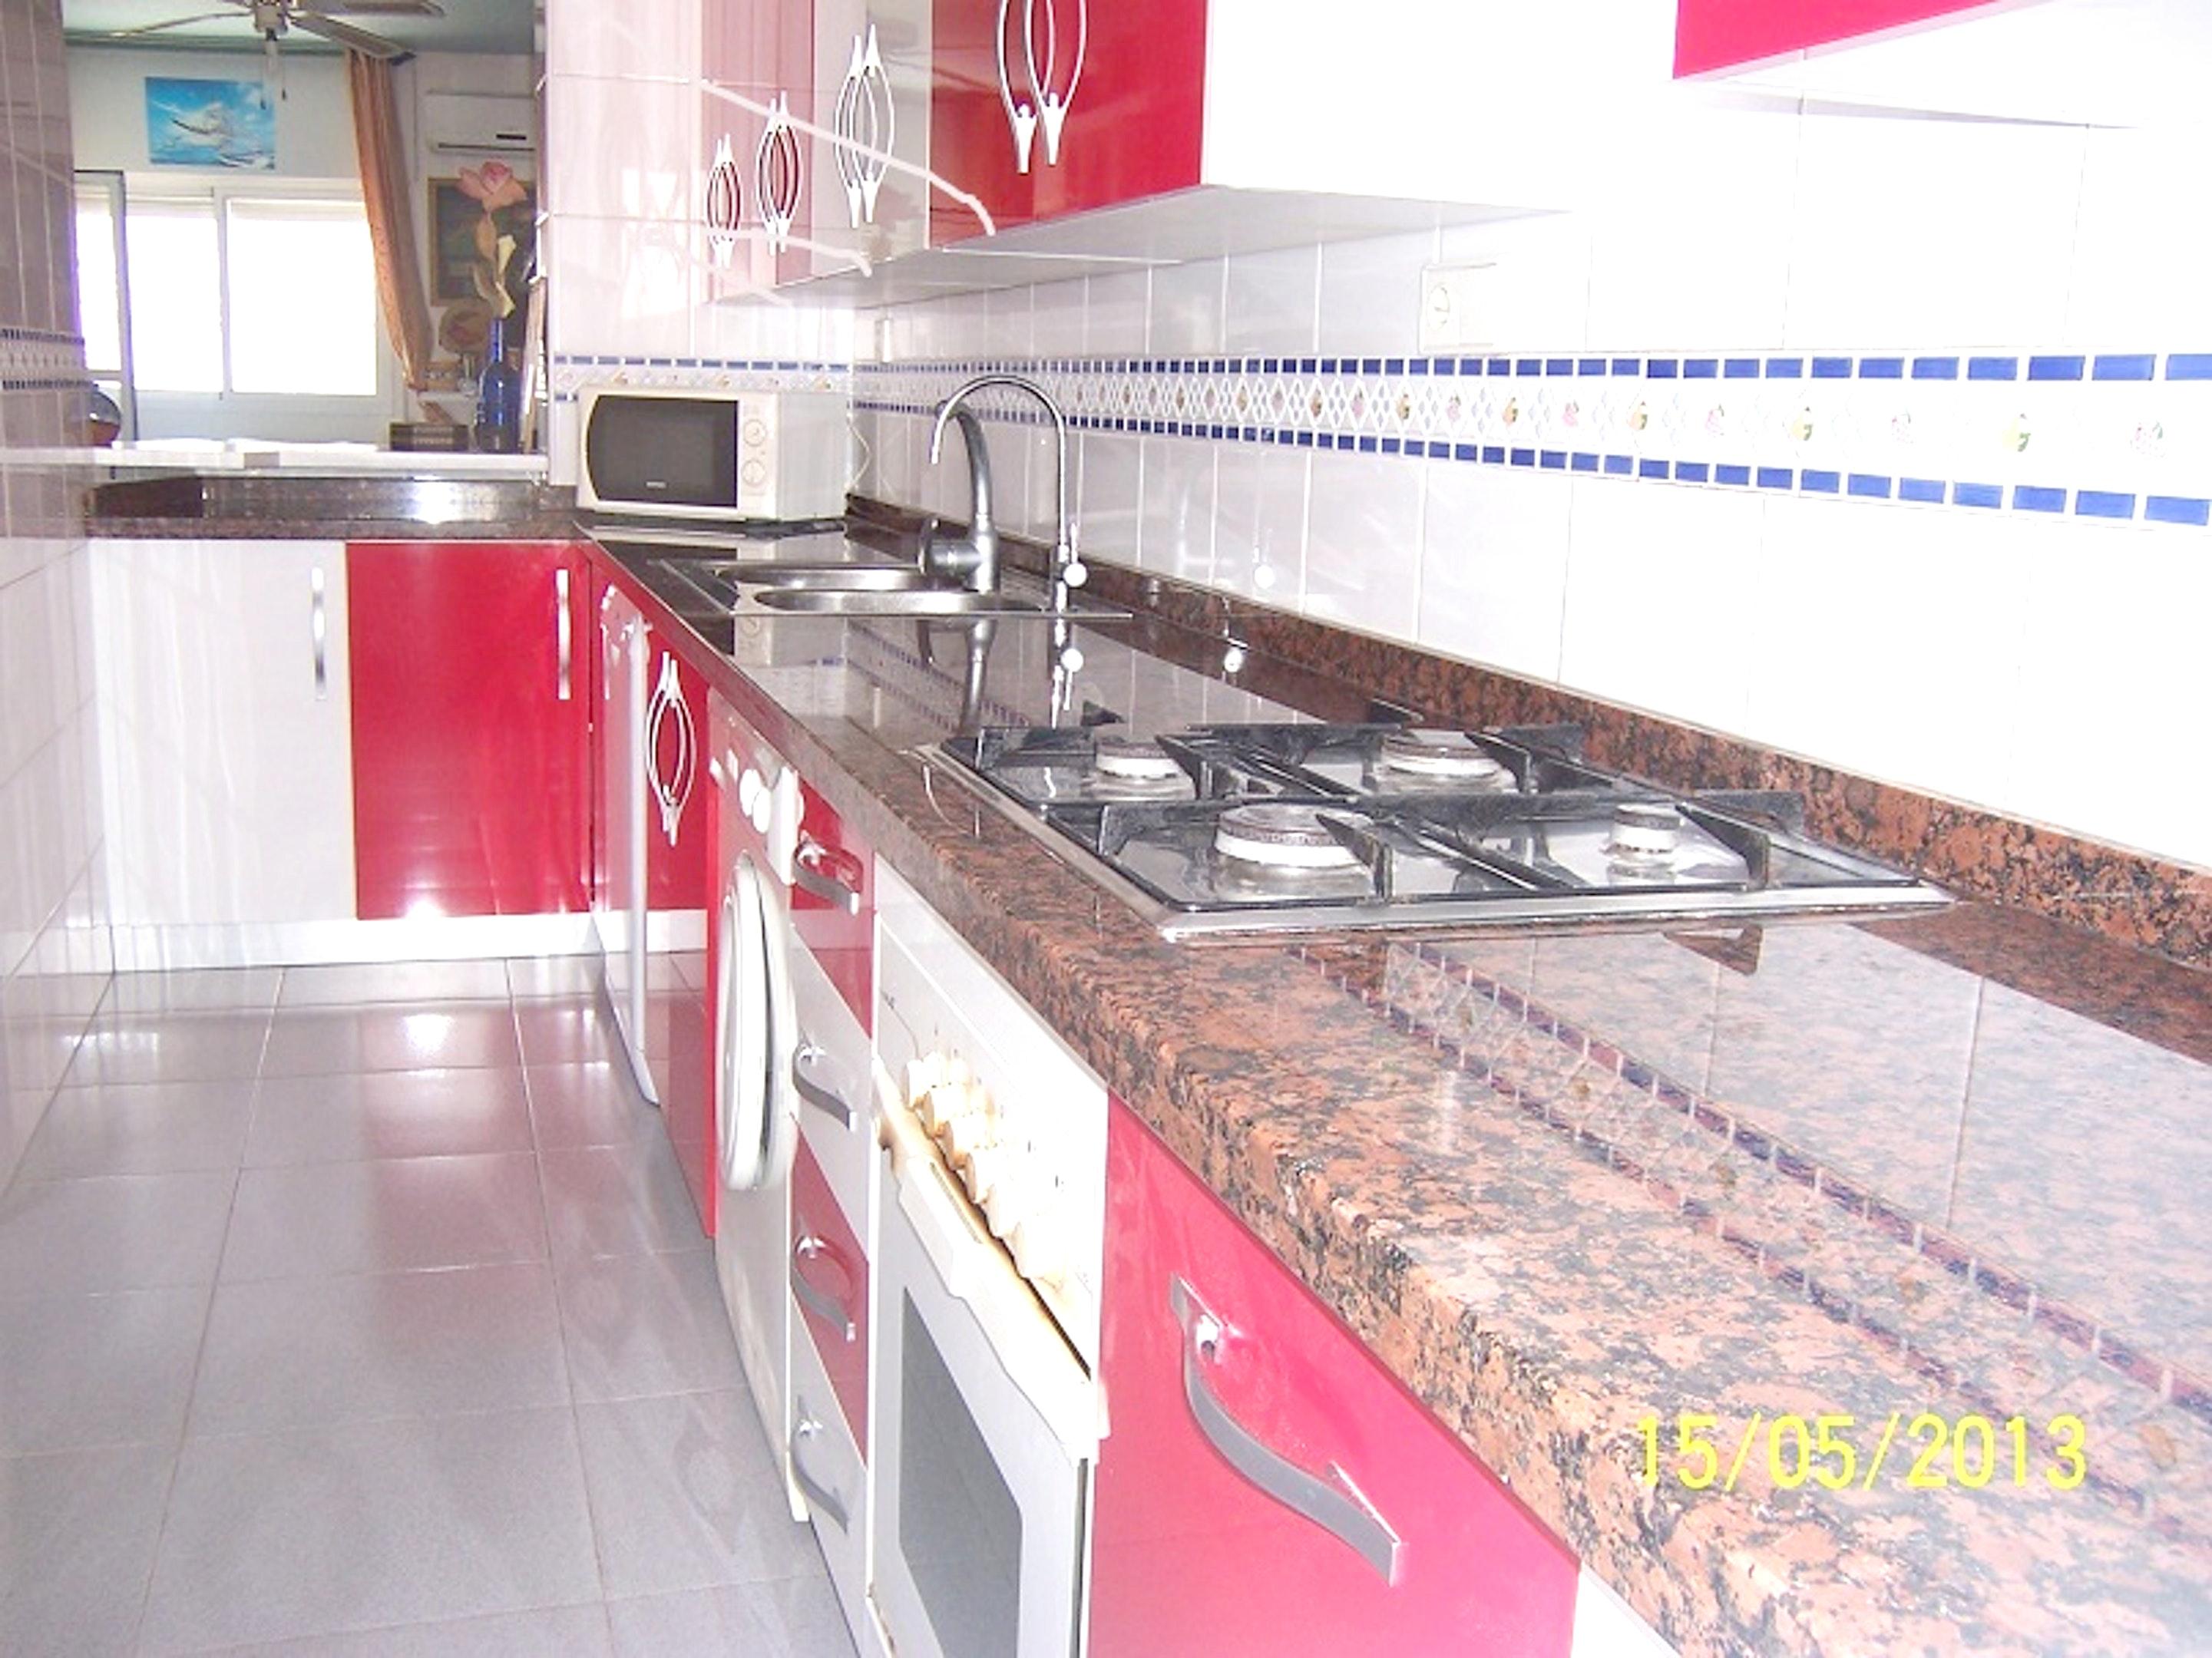 Ferienwohnung Wohnung mit 2 Schlafzimmern in San José de Nijar mit privatem Pool, Terrasse und W-LAN - 5 (2271490), San Jose, Costa de Almeria, Andalusien, Spanien, Bild 27